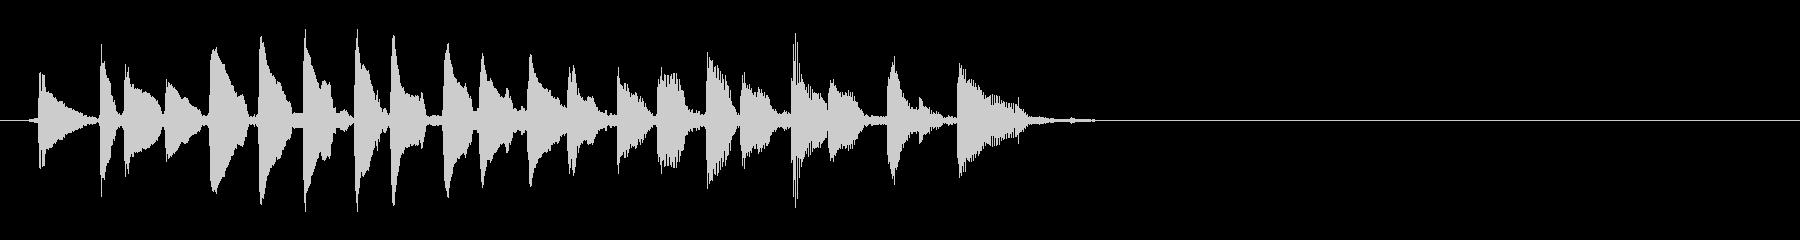 生音 三味線 チリチリ ダウンの未再生の波形